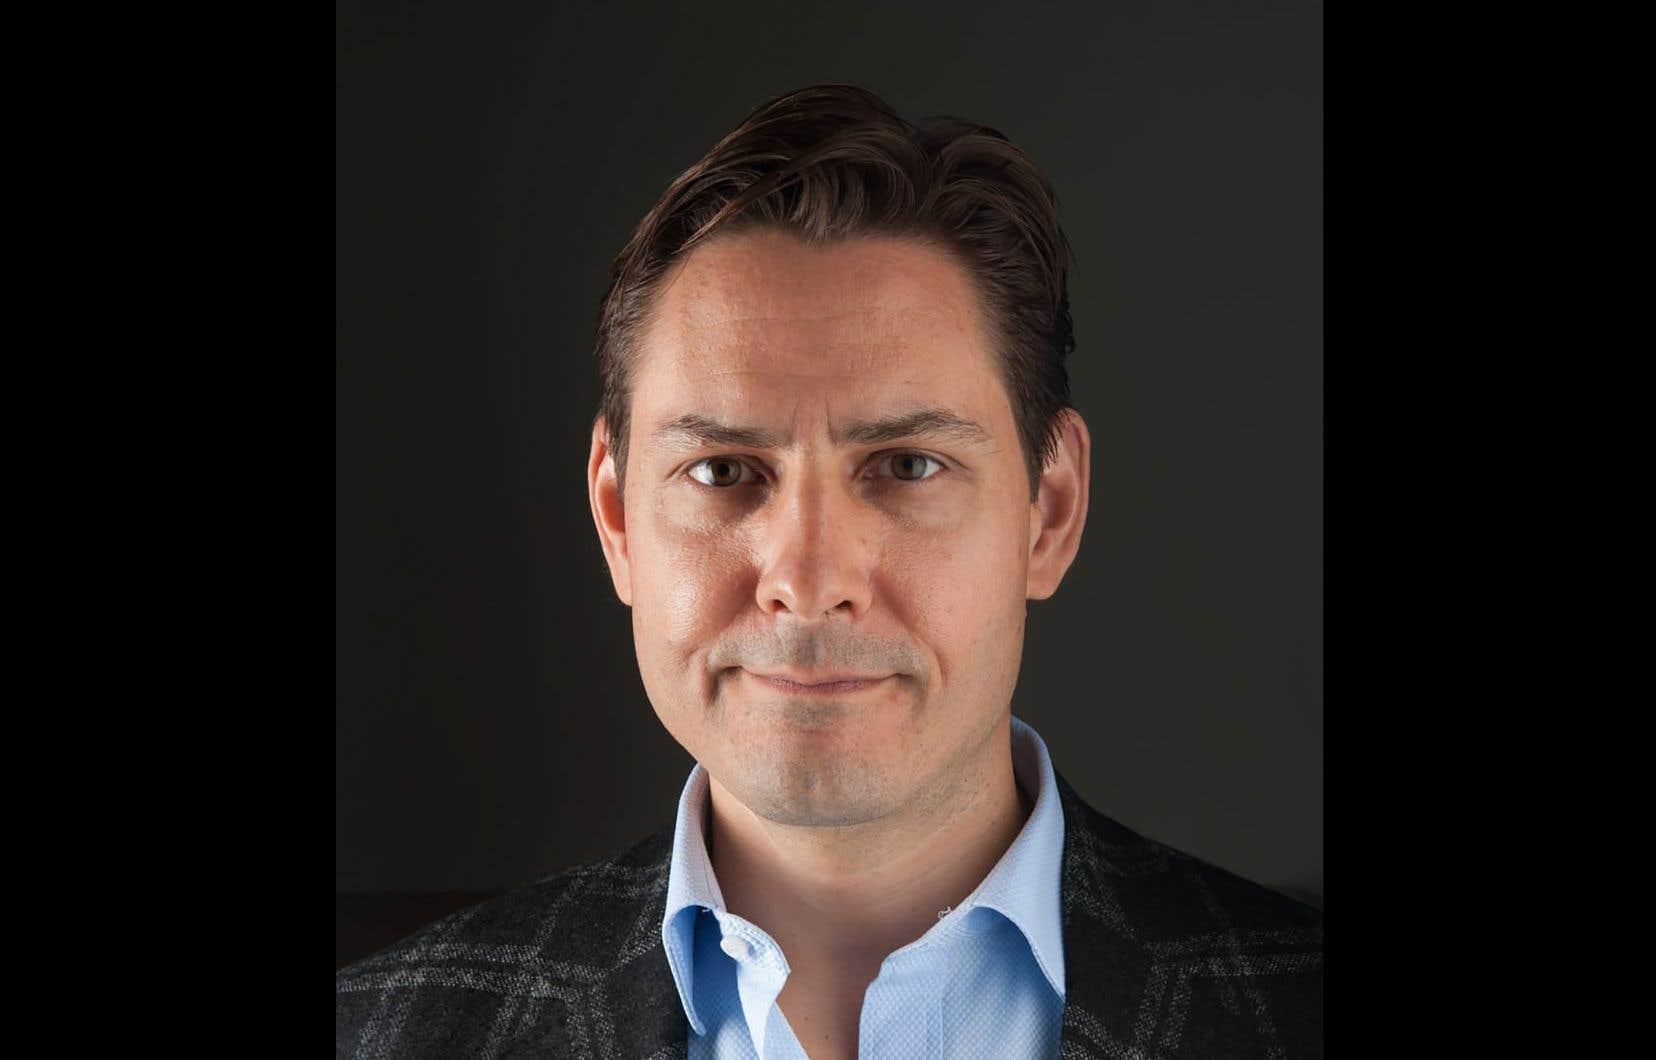 L'ex-diplomate Michael Kovrig est emprisonné en Chine depuis le 10 décembre 2018.